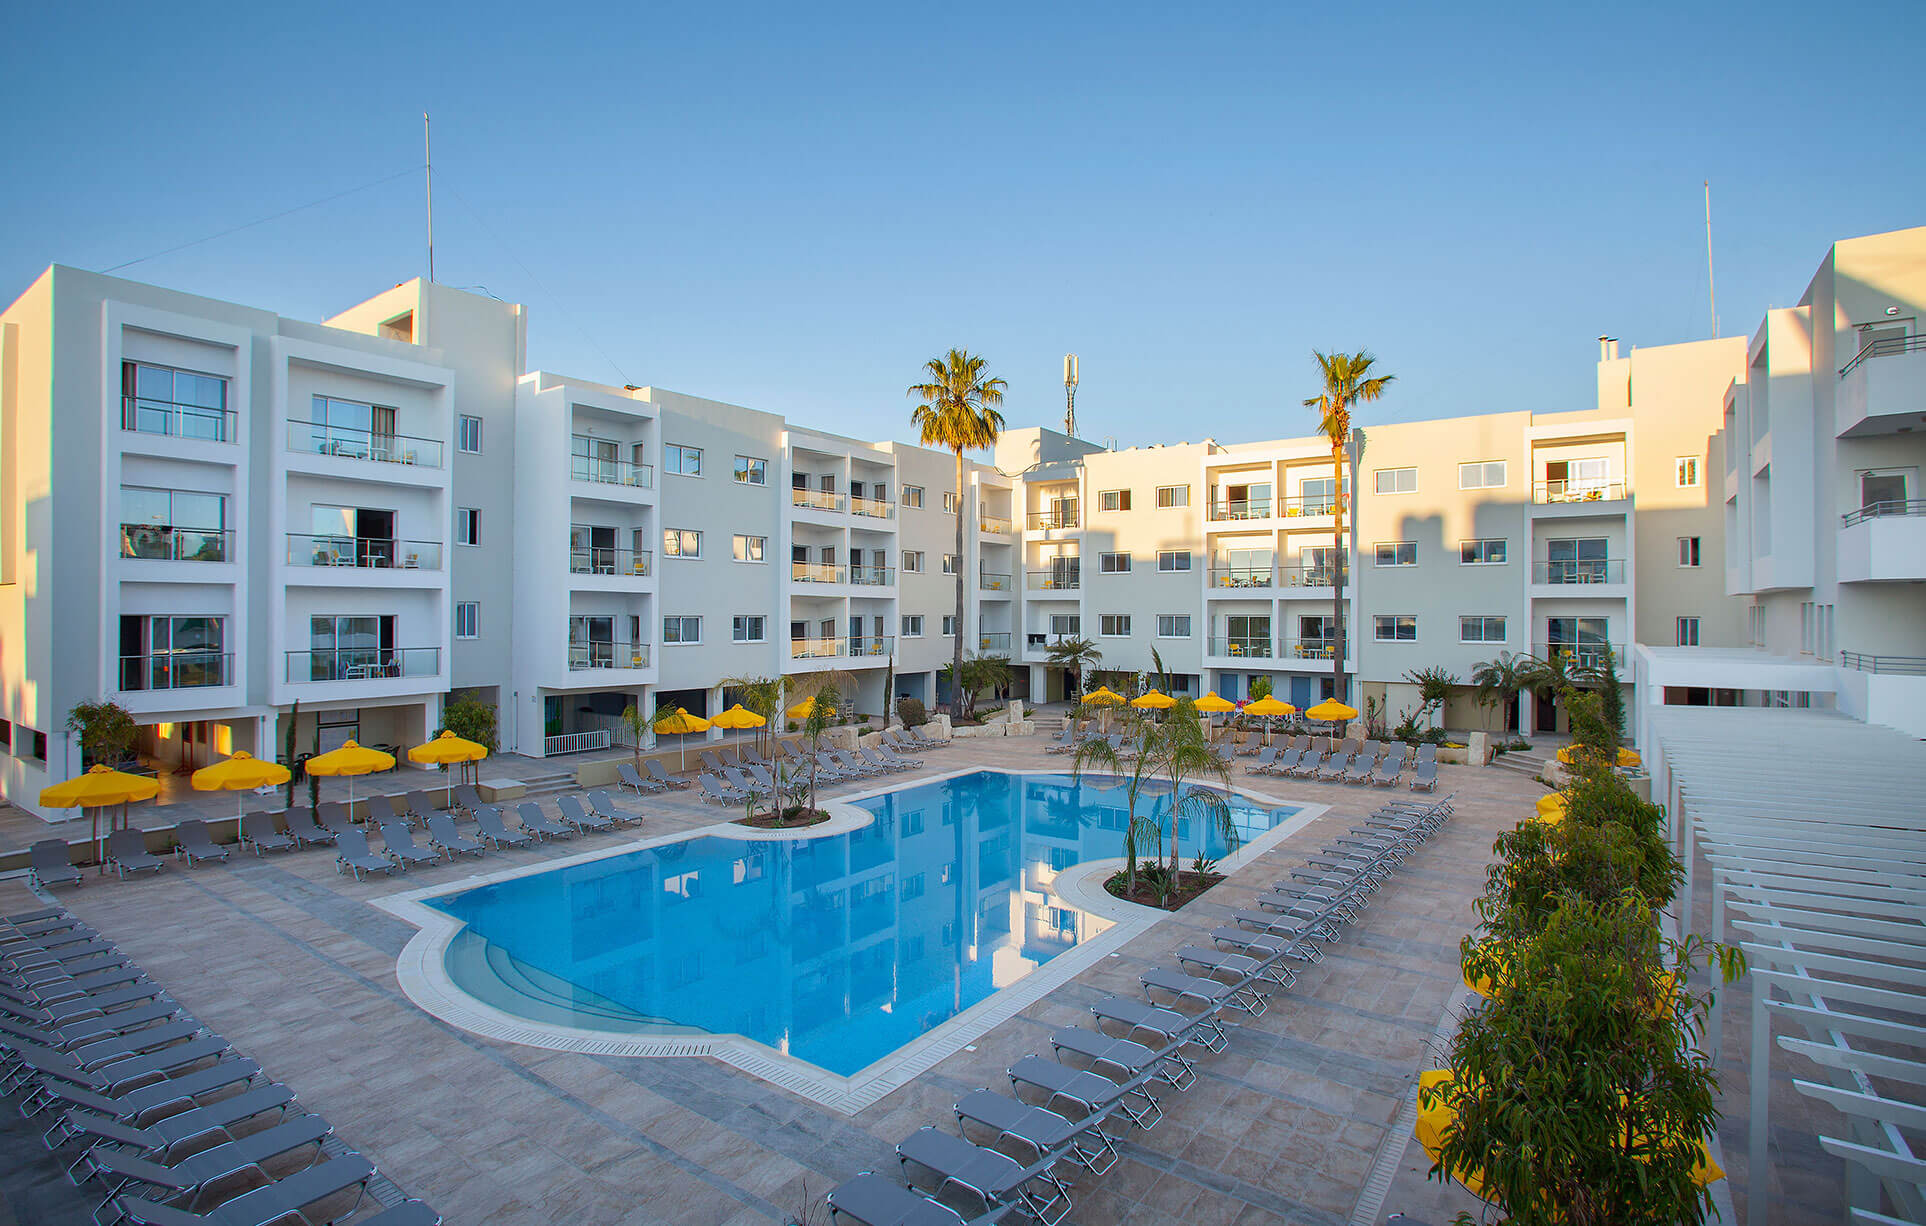 mayfair hotel in paphos pool